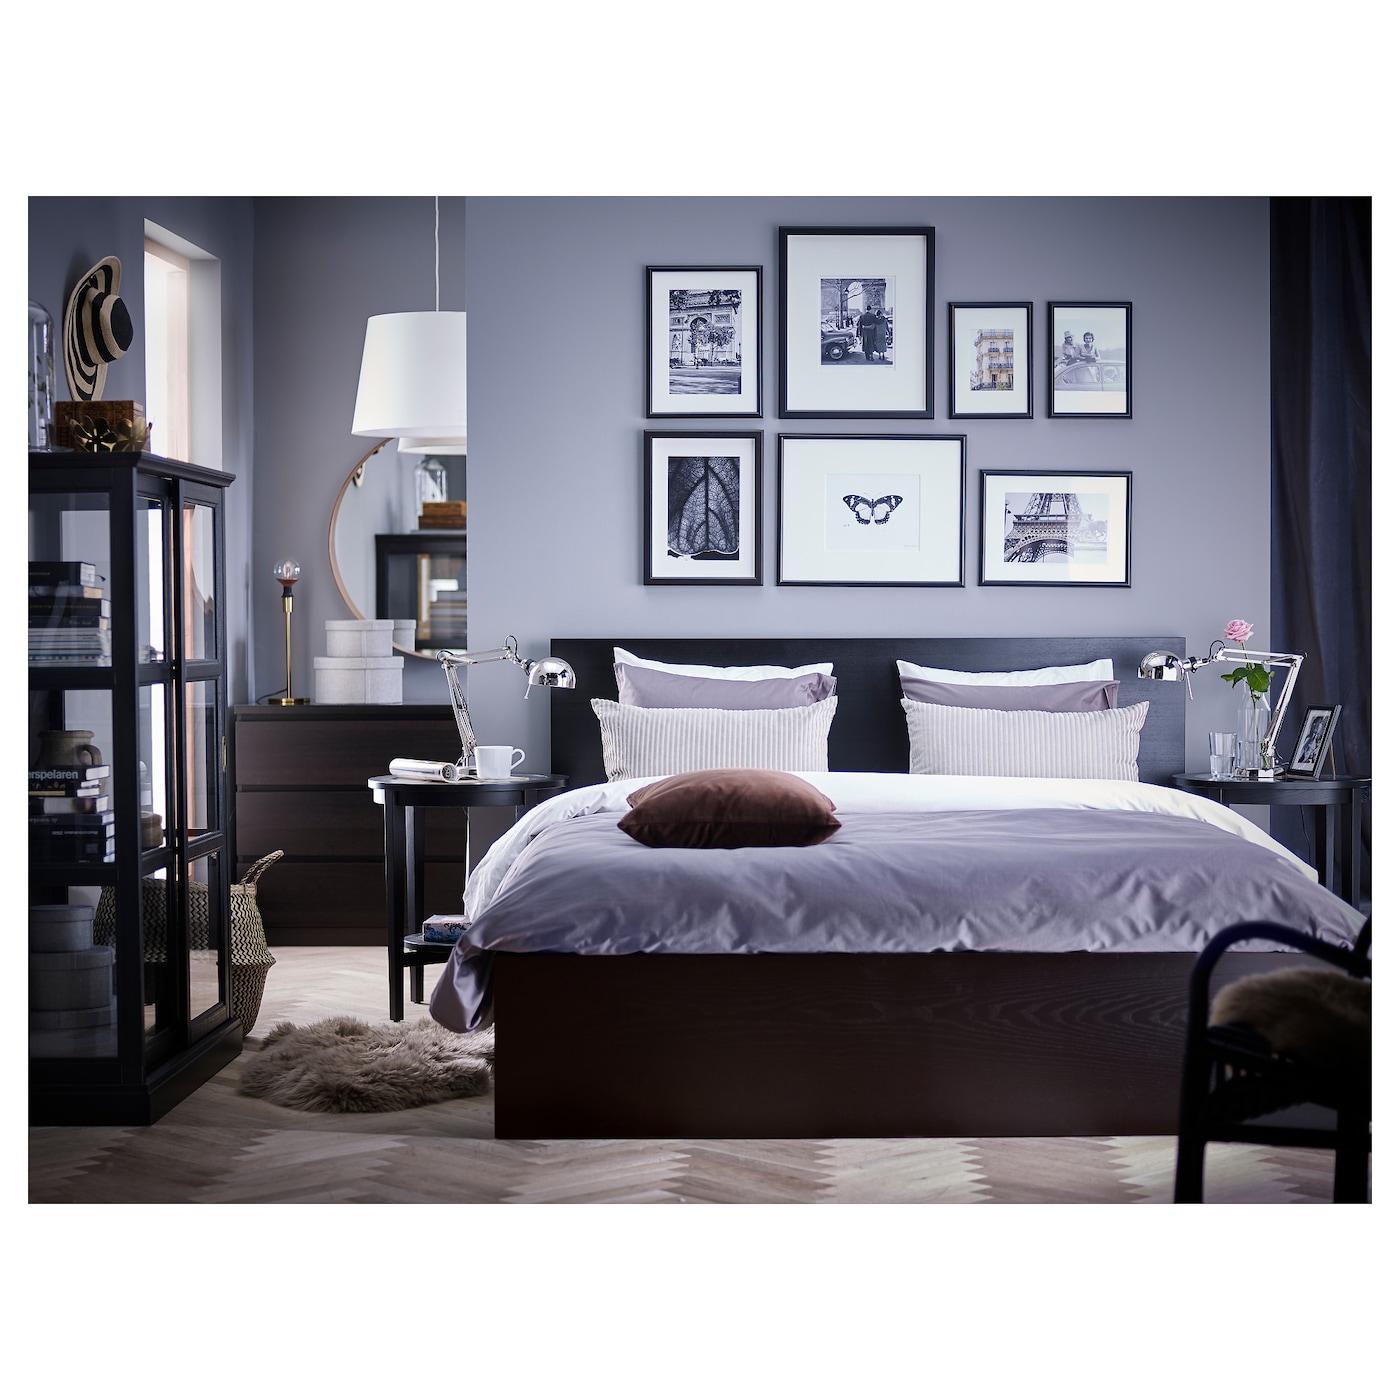 Malm estructura de cama alta negro marr n l nset 160 x 200 cm ikea - Estructura cama 180x200 ...